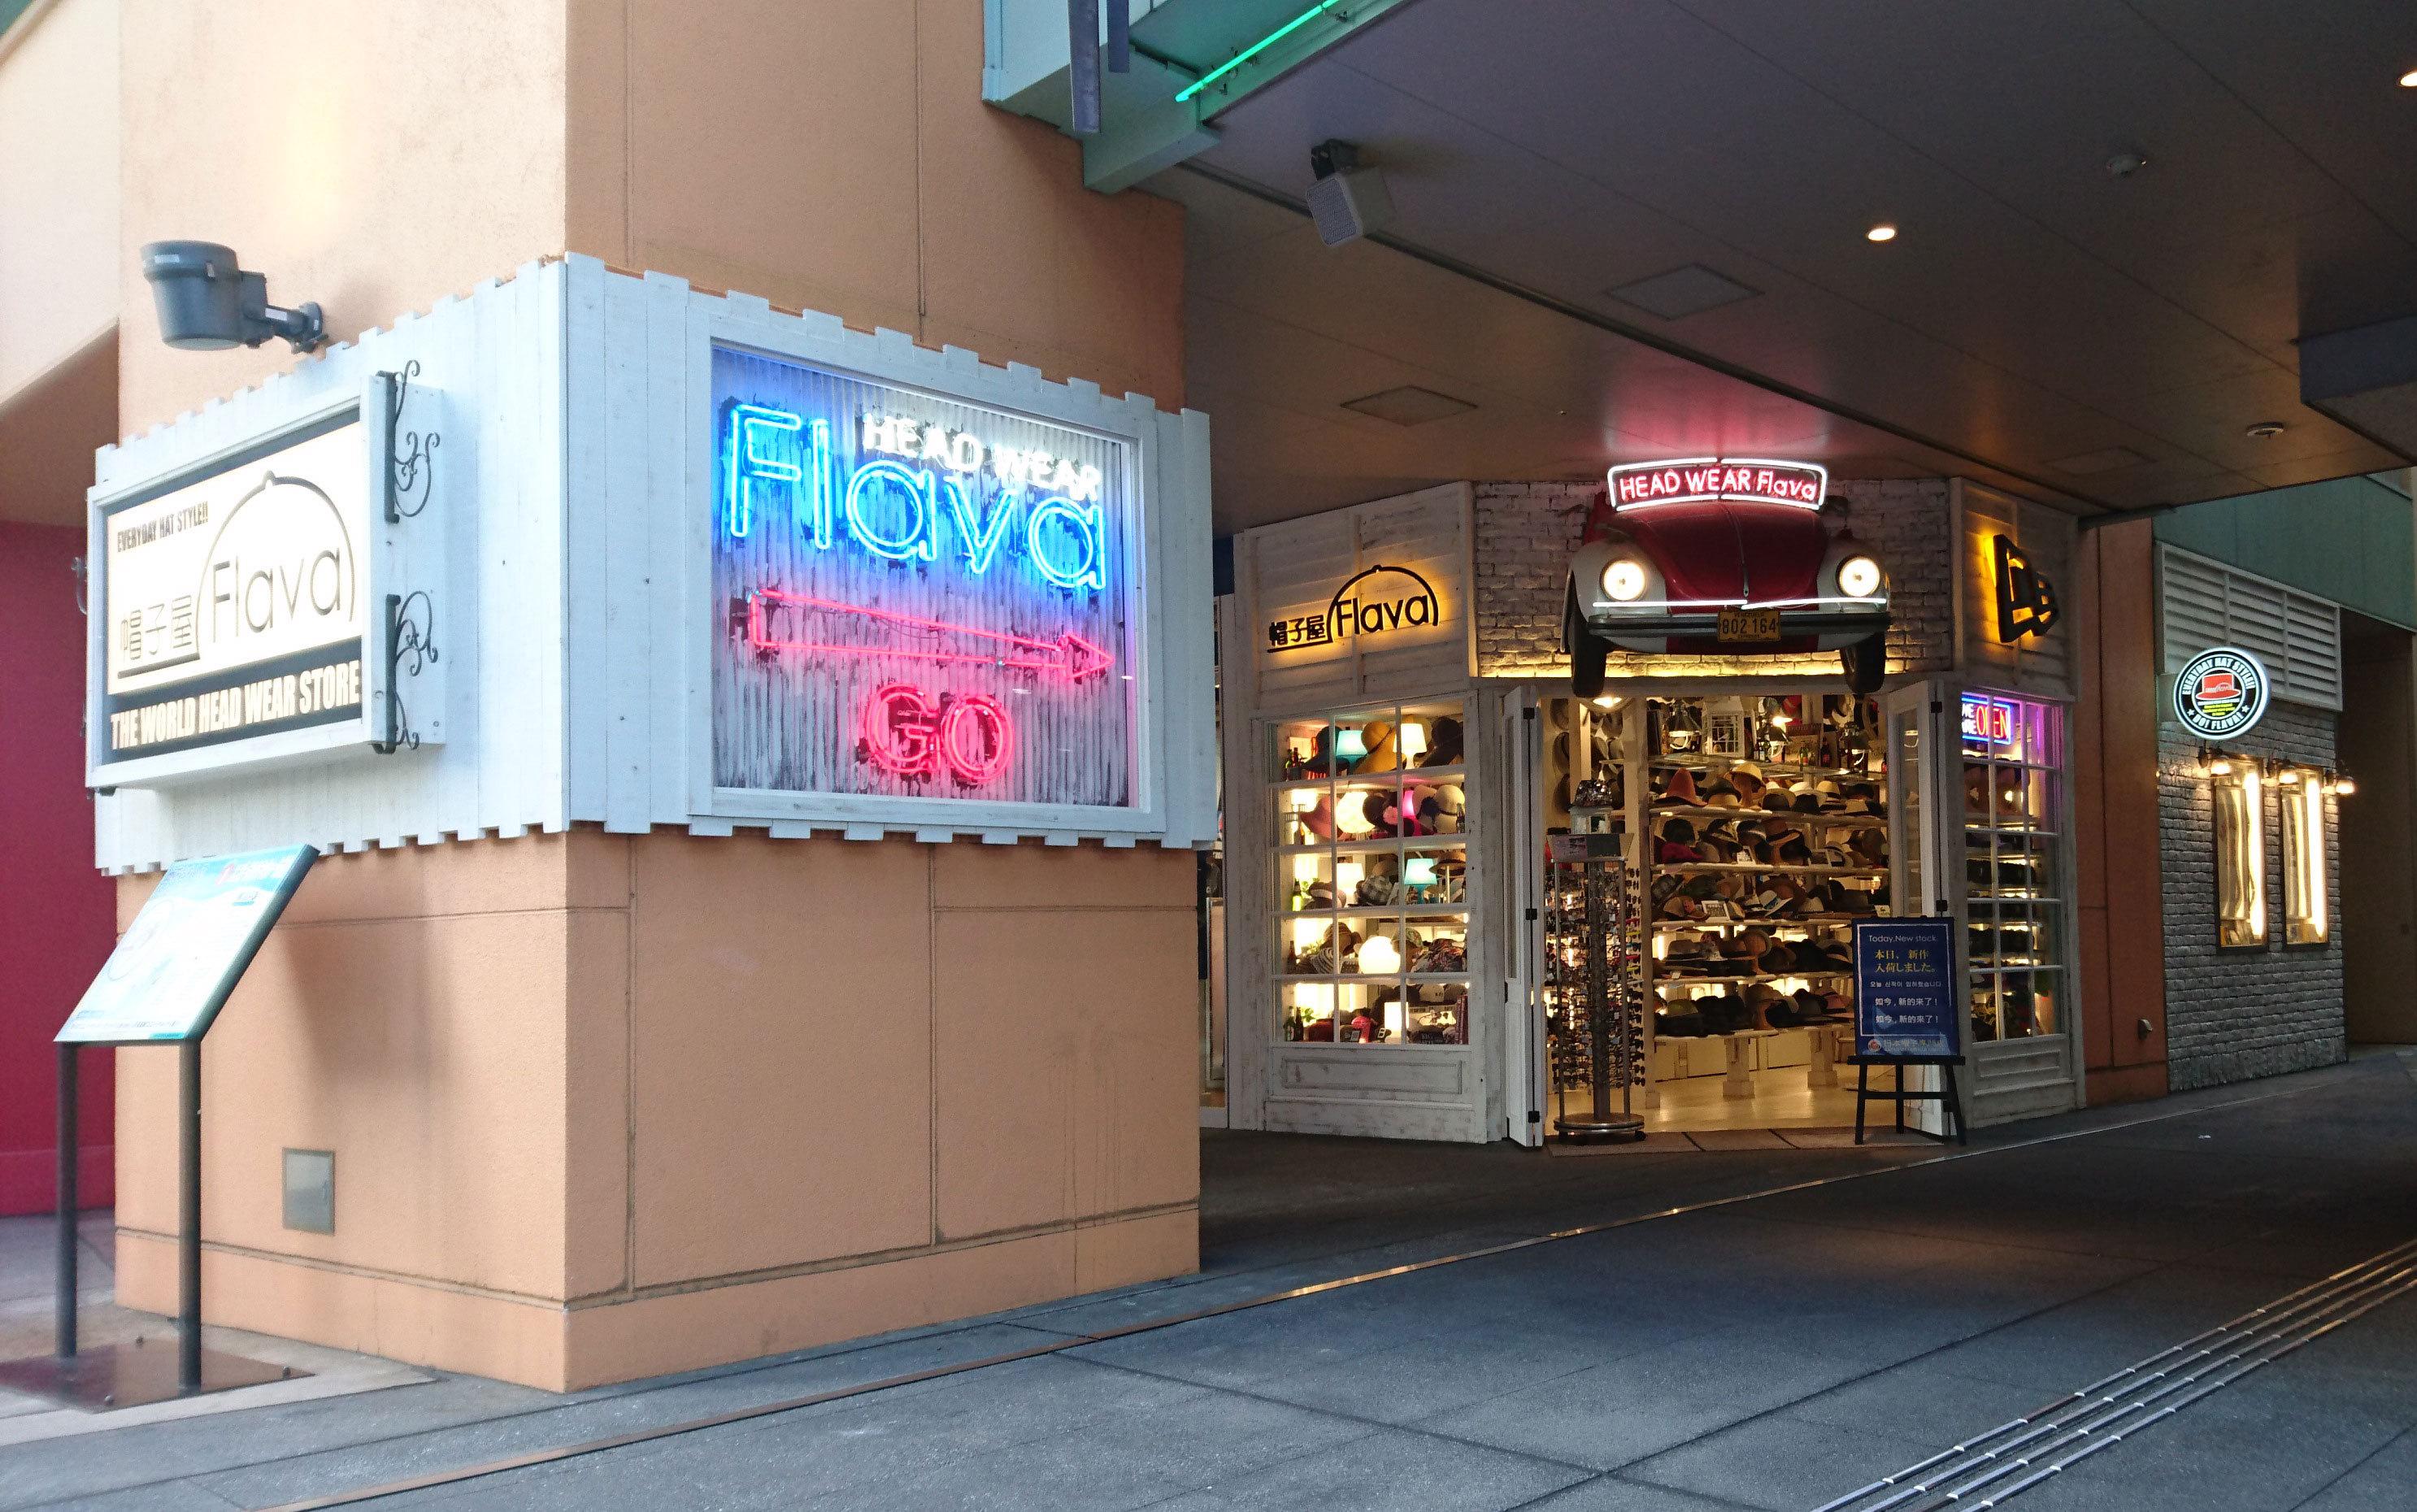 ユニバーサルシティウォーク大阪店の写真